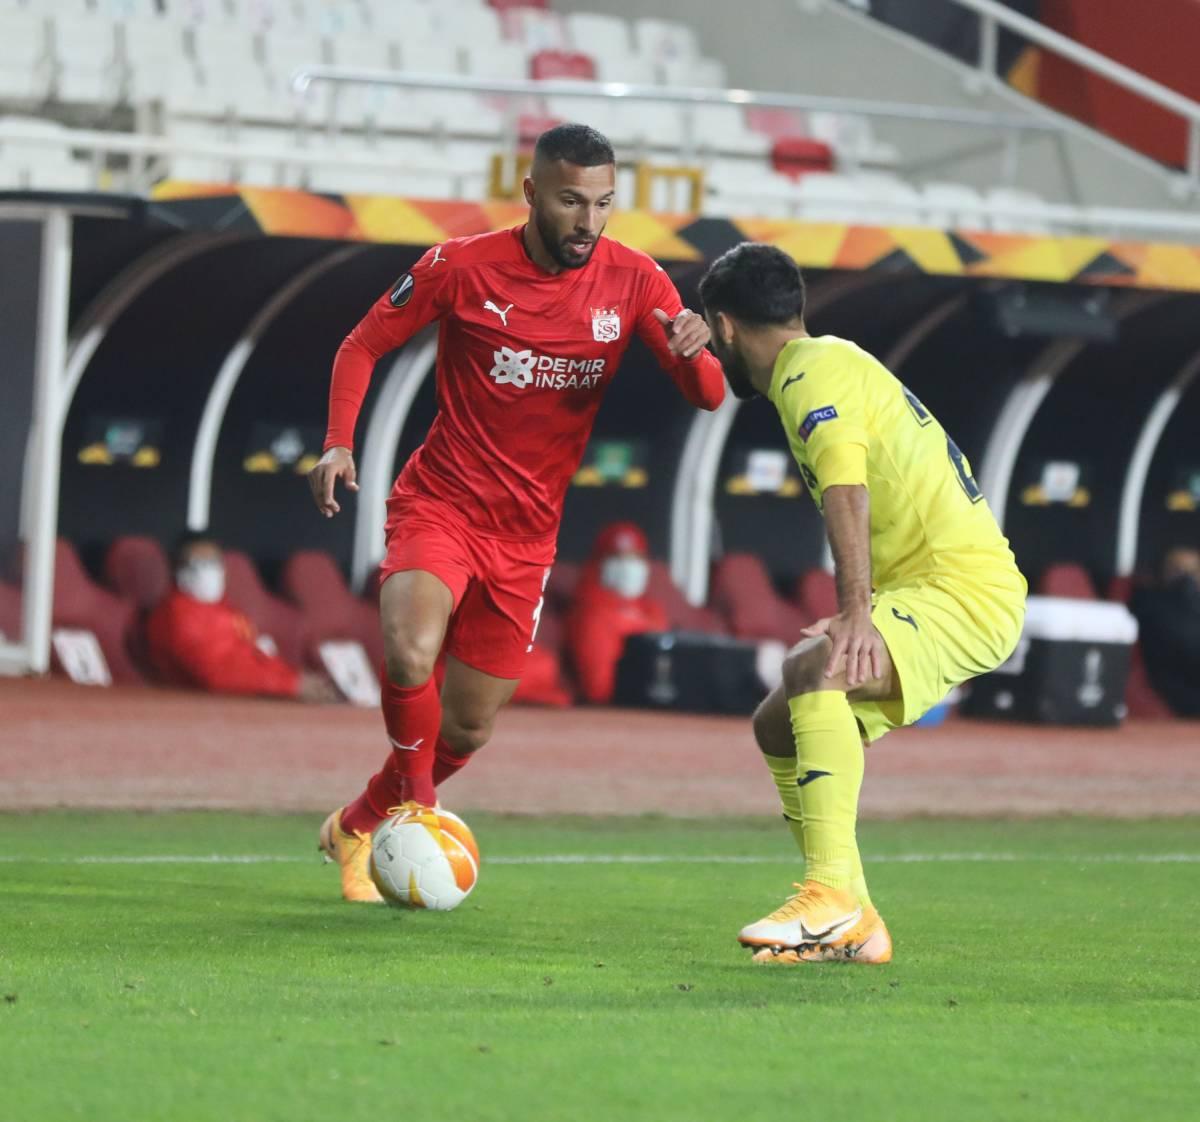 Sivasspor – Gazisehir Gaziantep: forecast for the Turkish Championship match